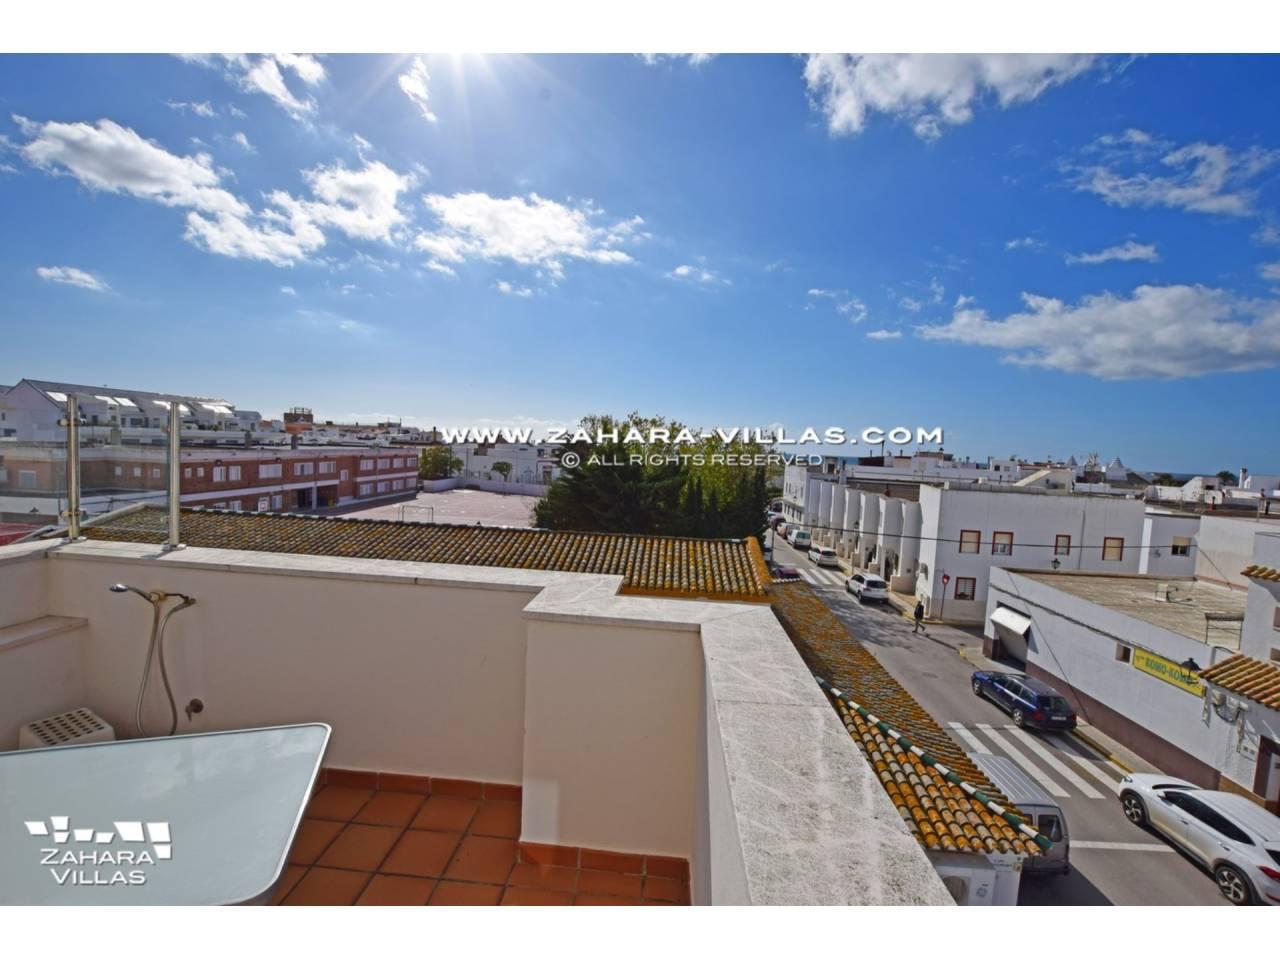 Imagen 5 de House for sale in Zahara de los Atunes